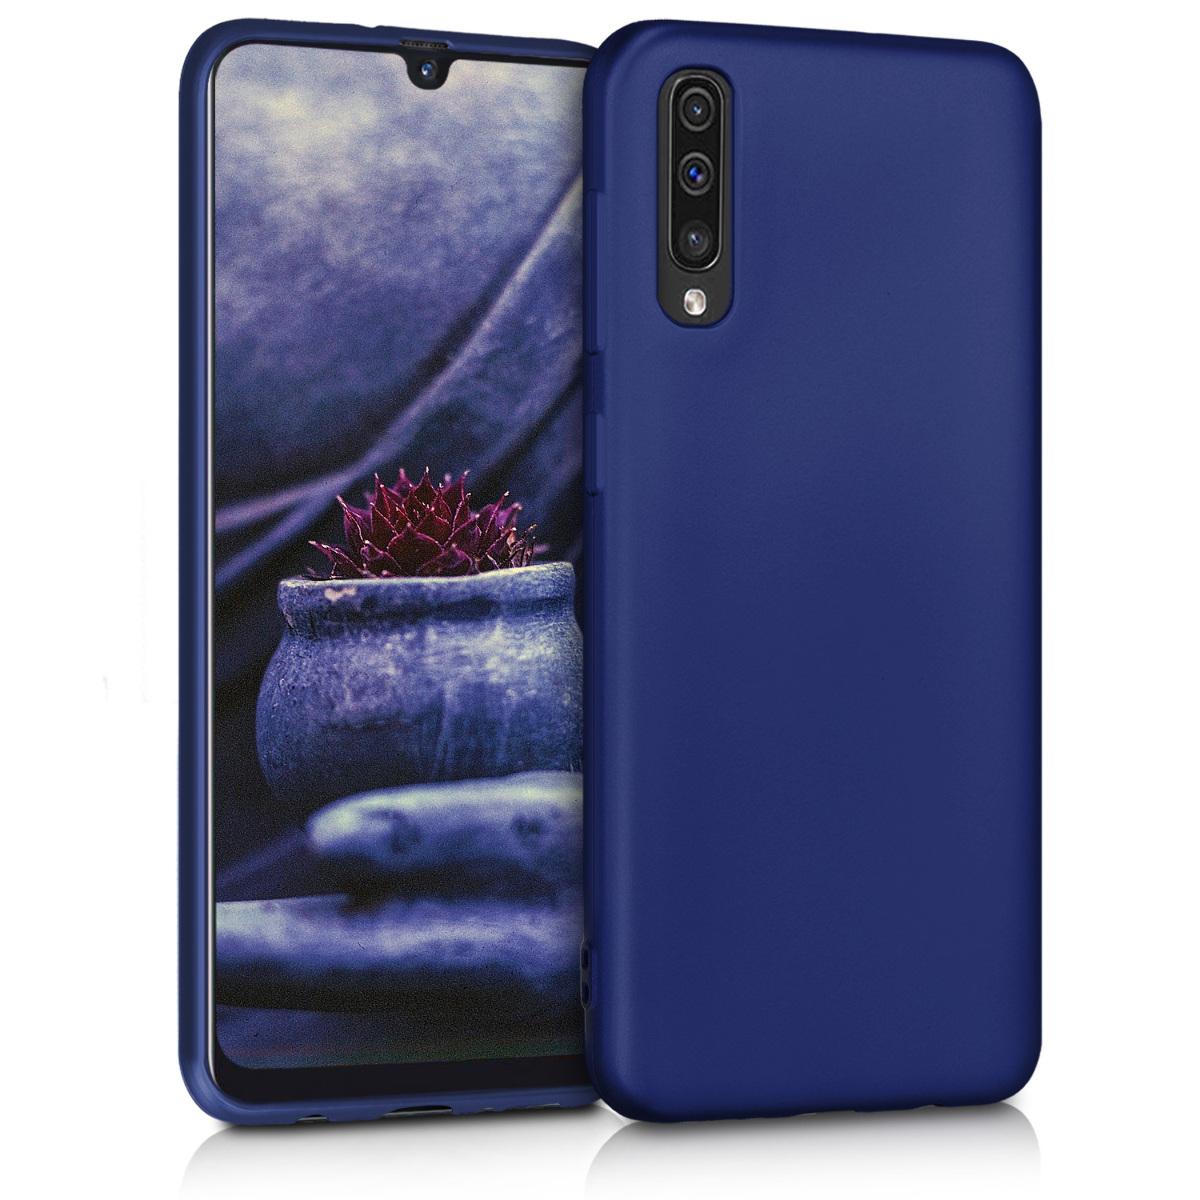 KW Θήκη Σιλικόνης Samsung Galaxy A50 - Metallic Blue (48056.64)